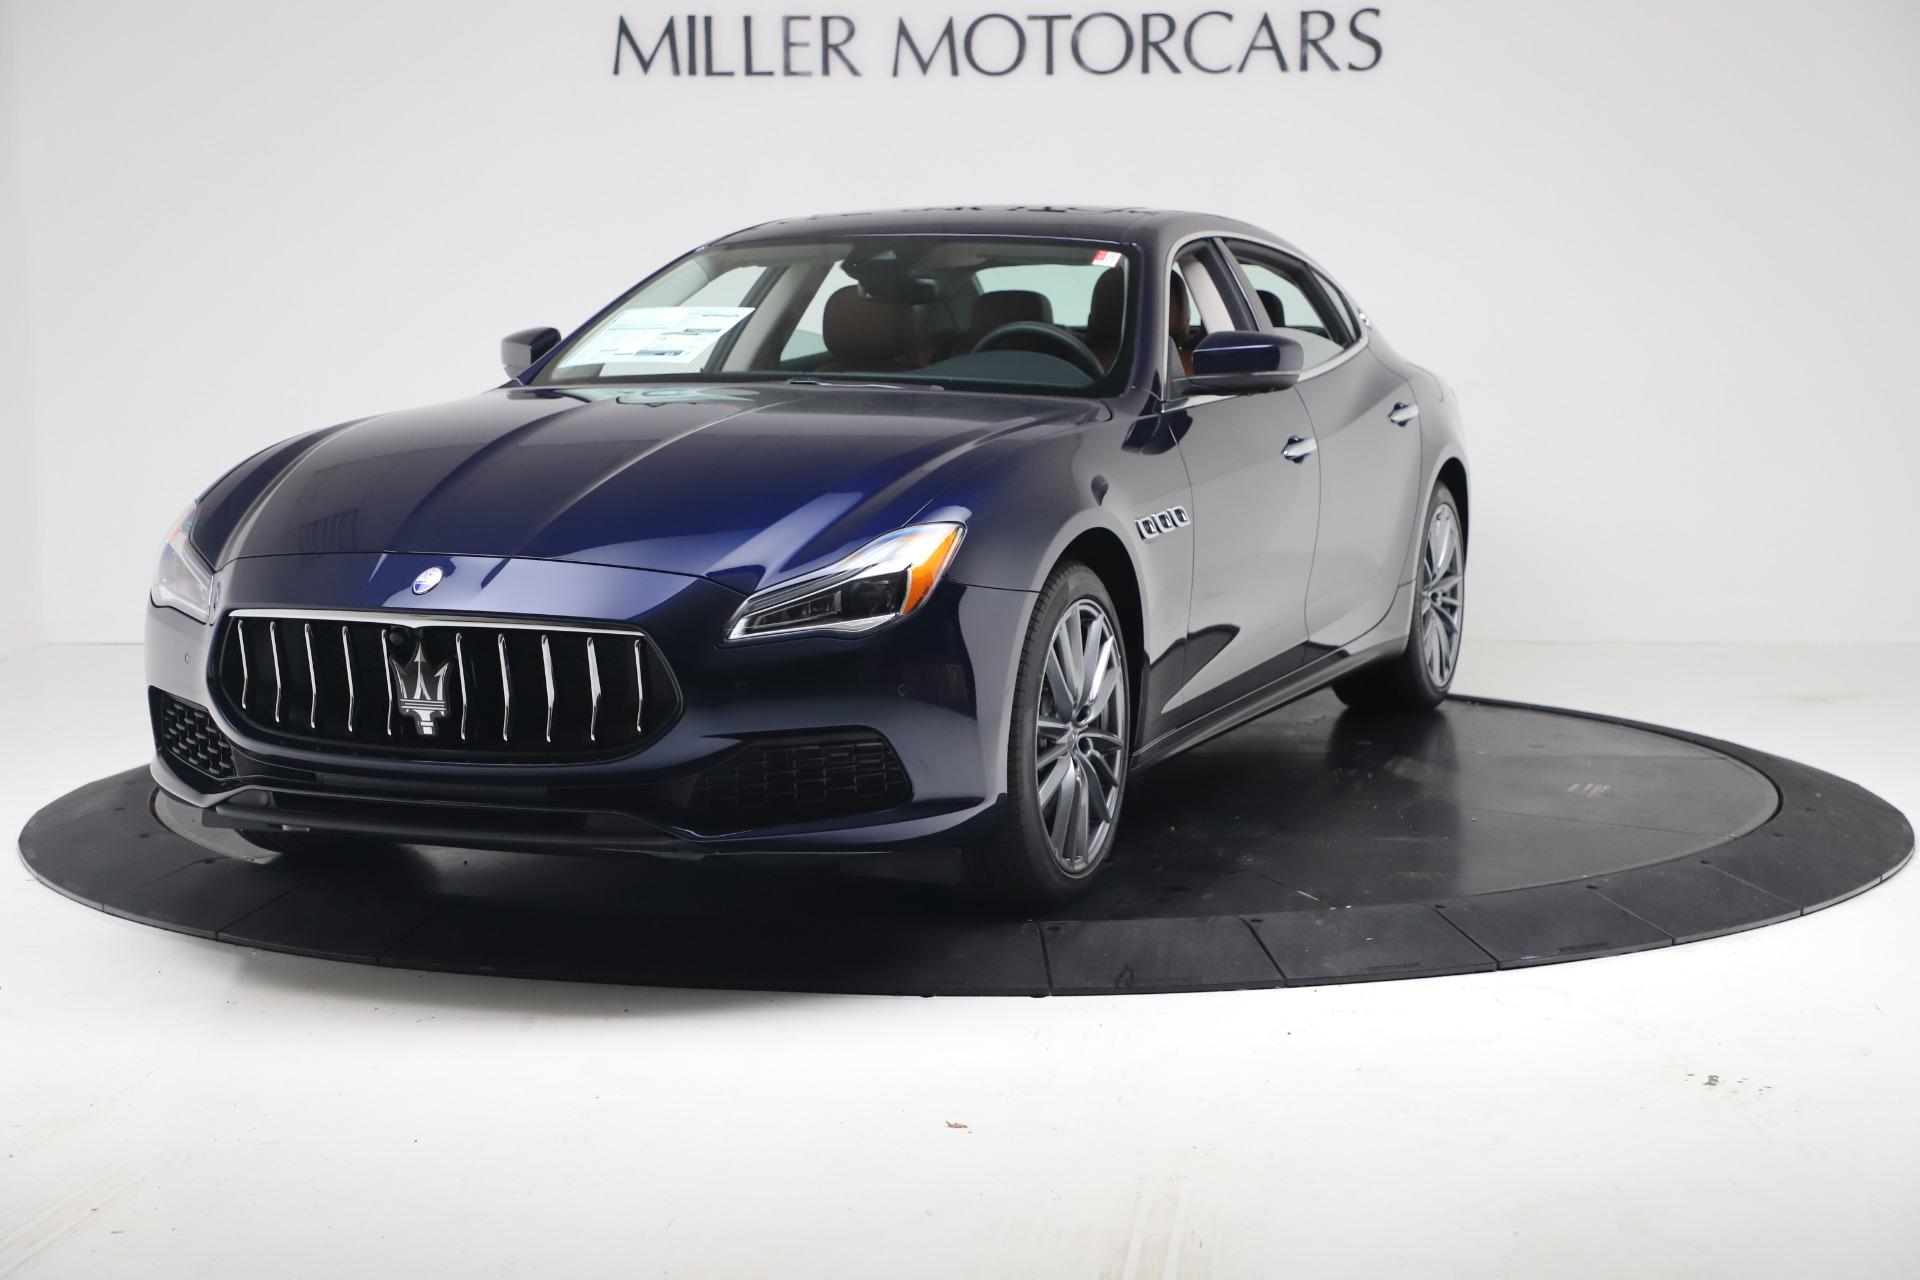 New 2019 Maserati Quattroporte S Q4 for sale $121,065 at Maserati of Greenwich in Greenwich CT 06830 1